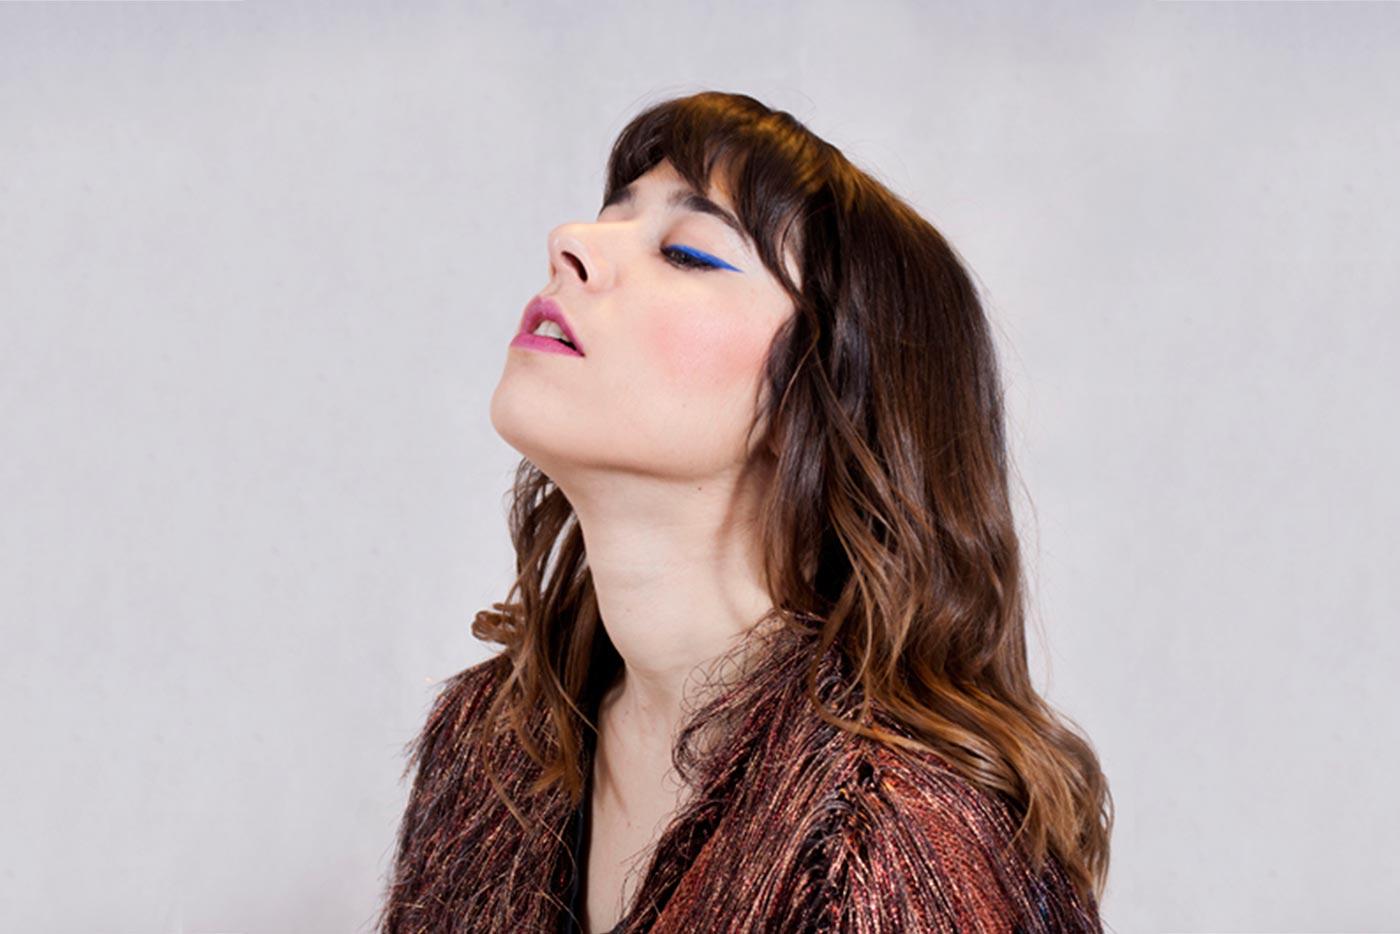 Estrenamos el nuevo videoclip de Chloé Bird